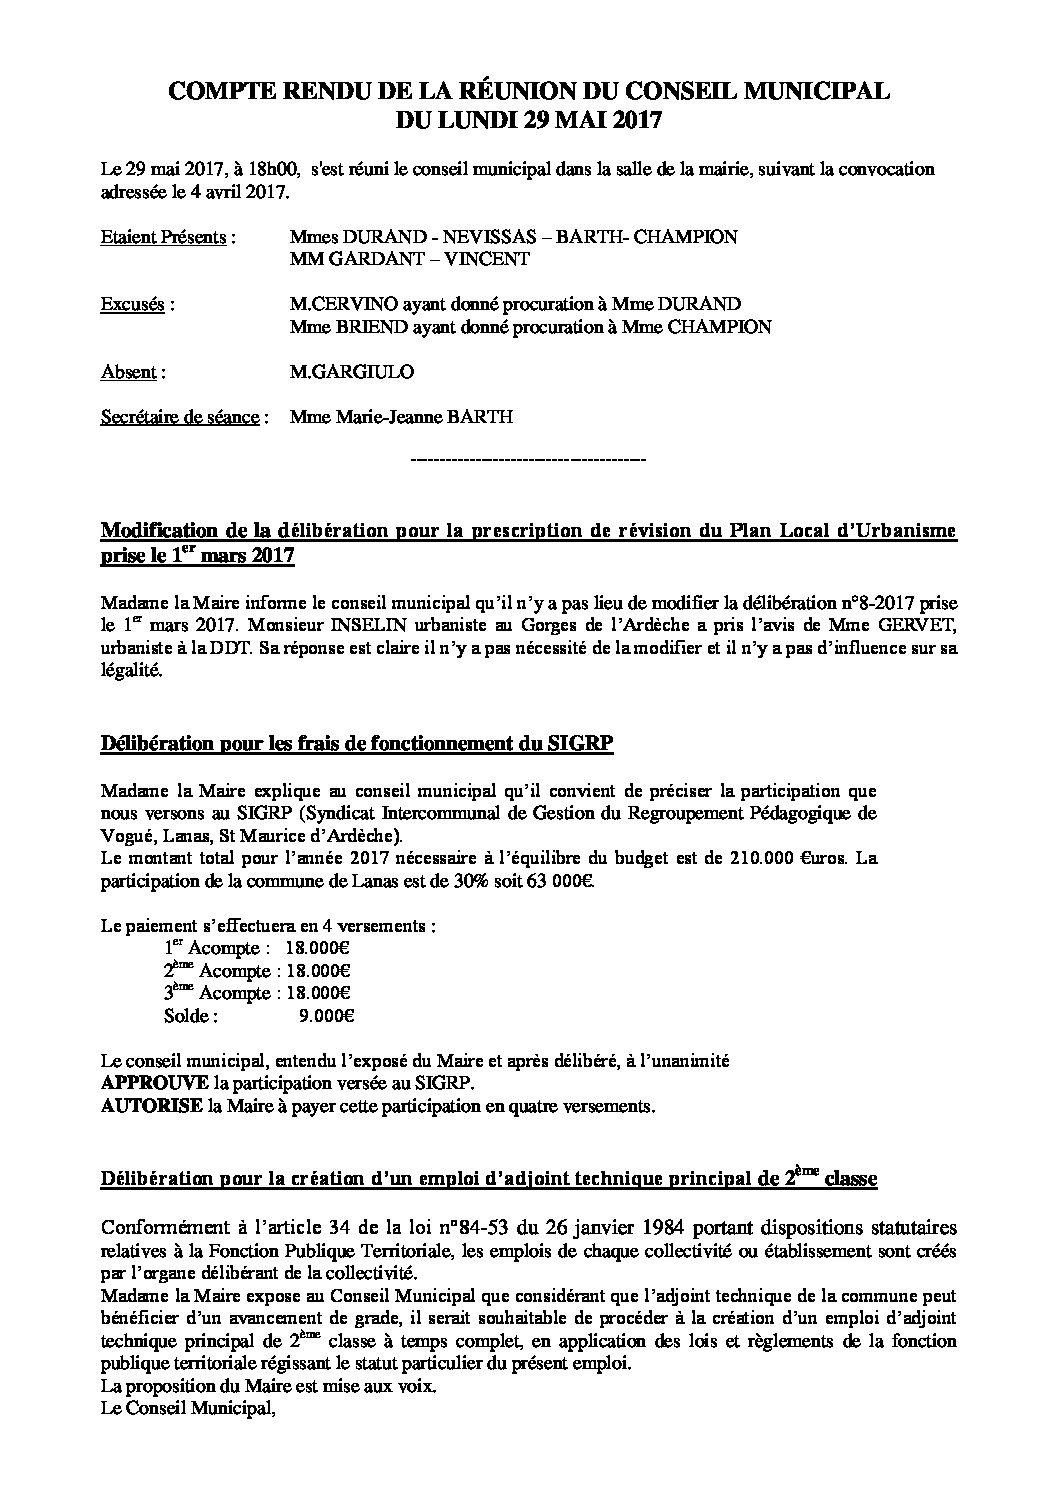 Conseil Municipal du 29 mai 2017